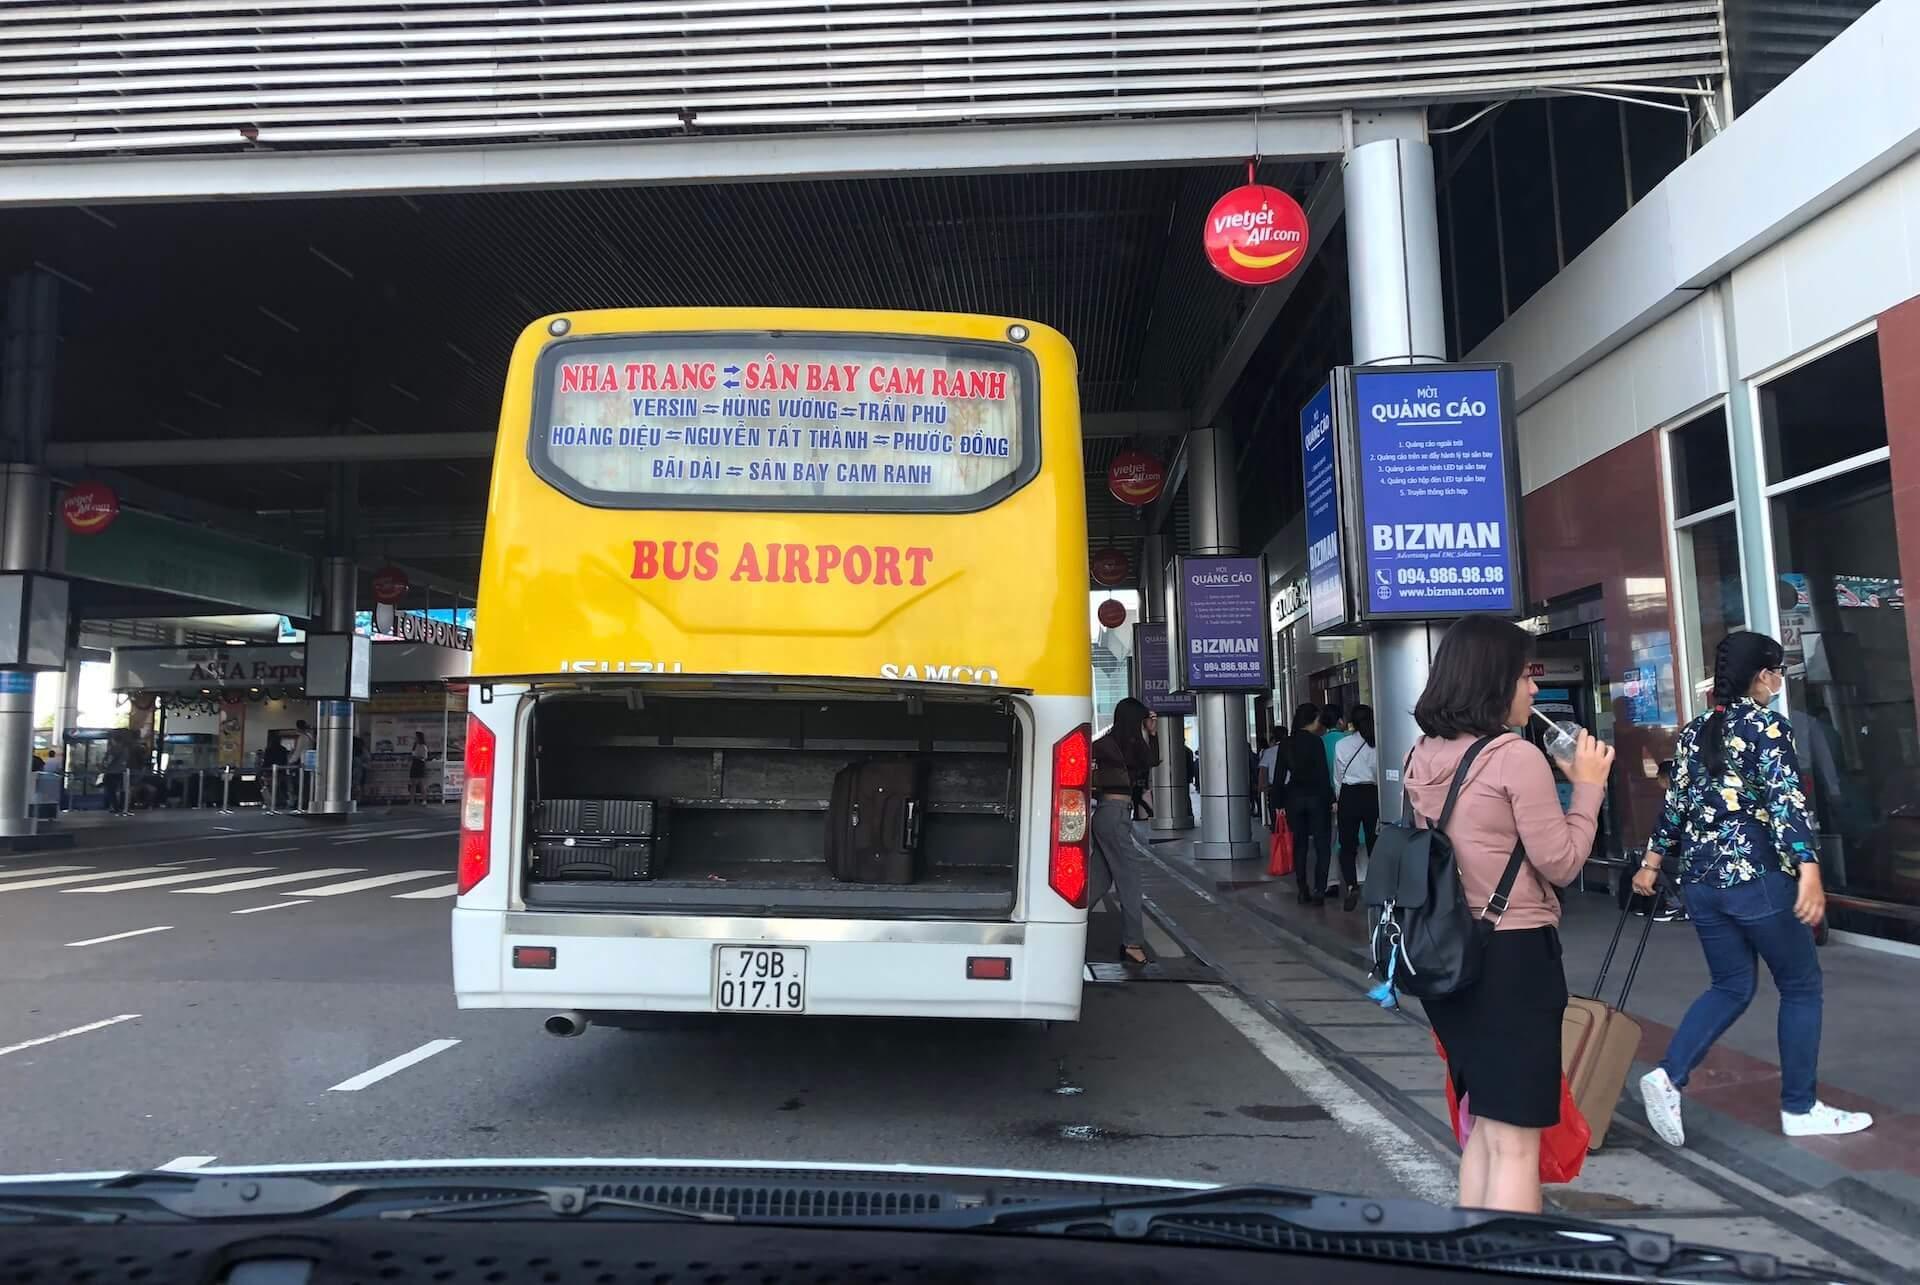 Nha Trang Airport Bus